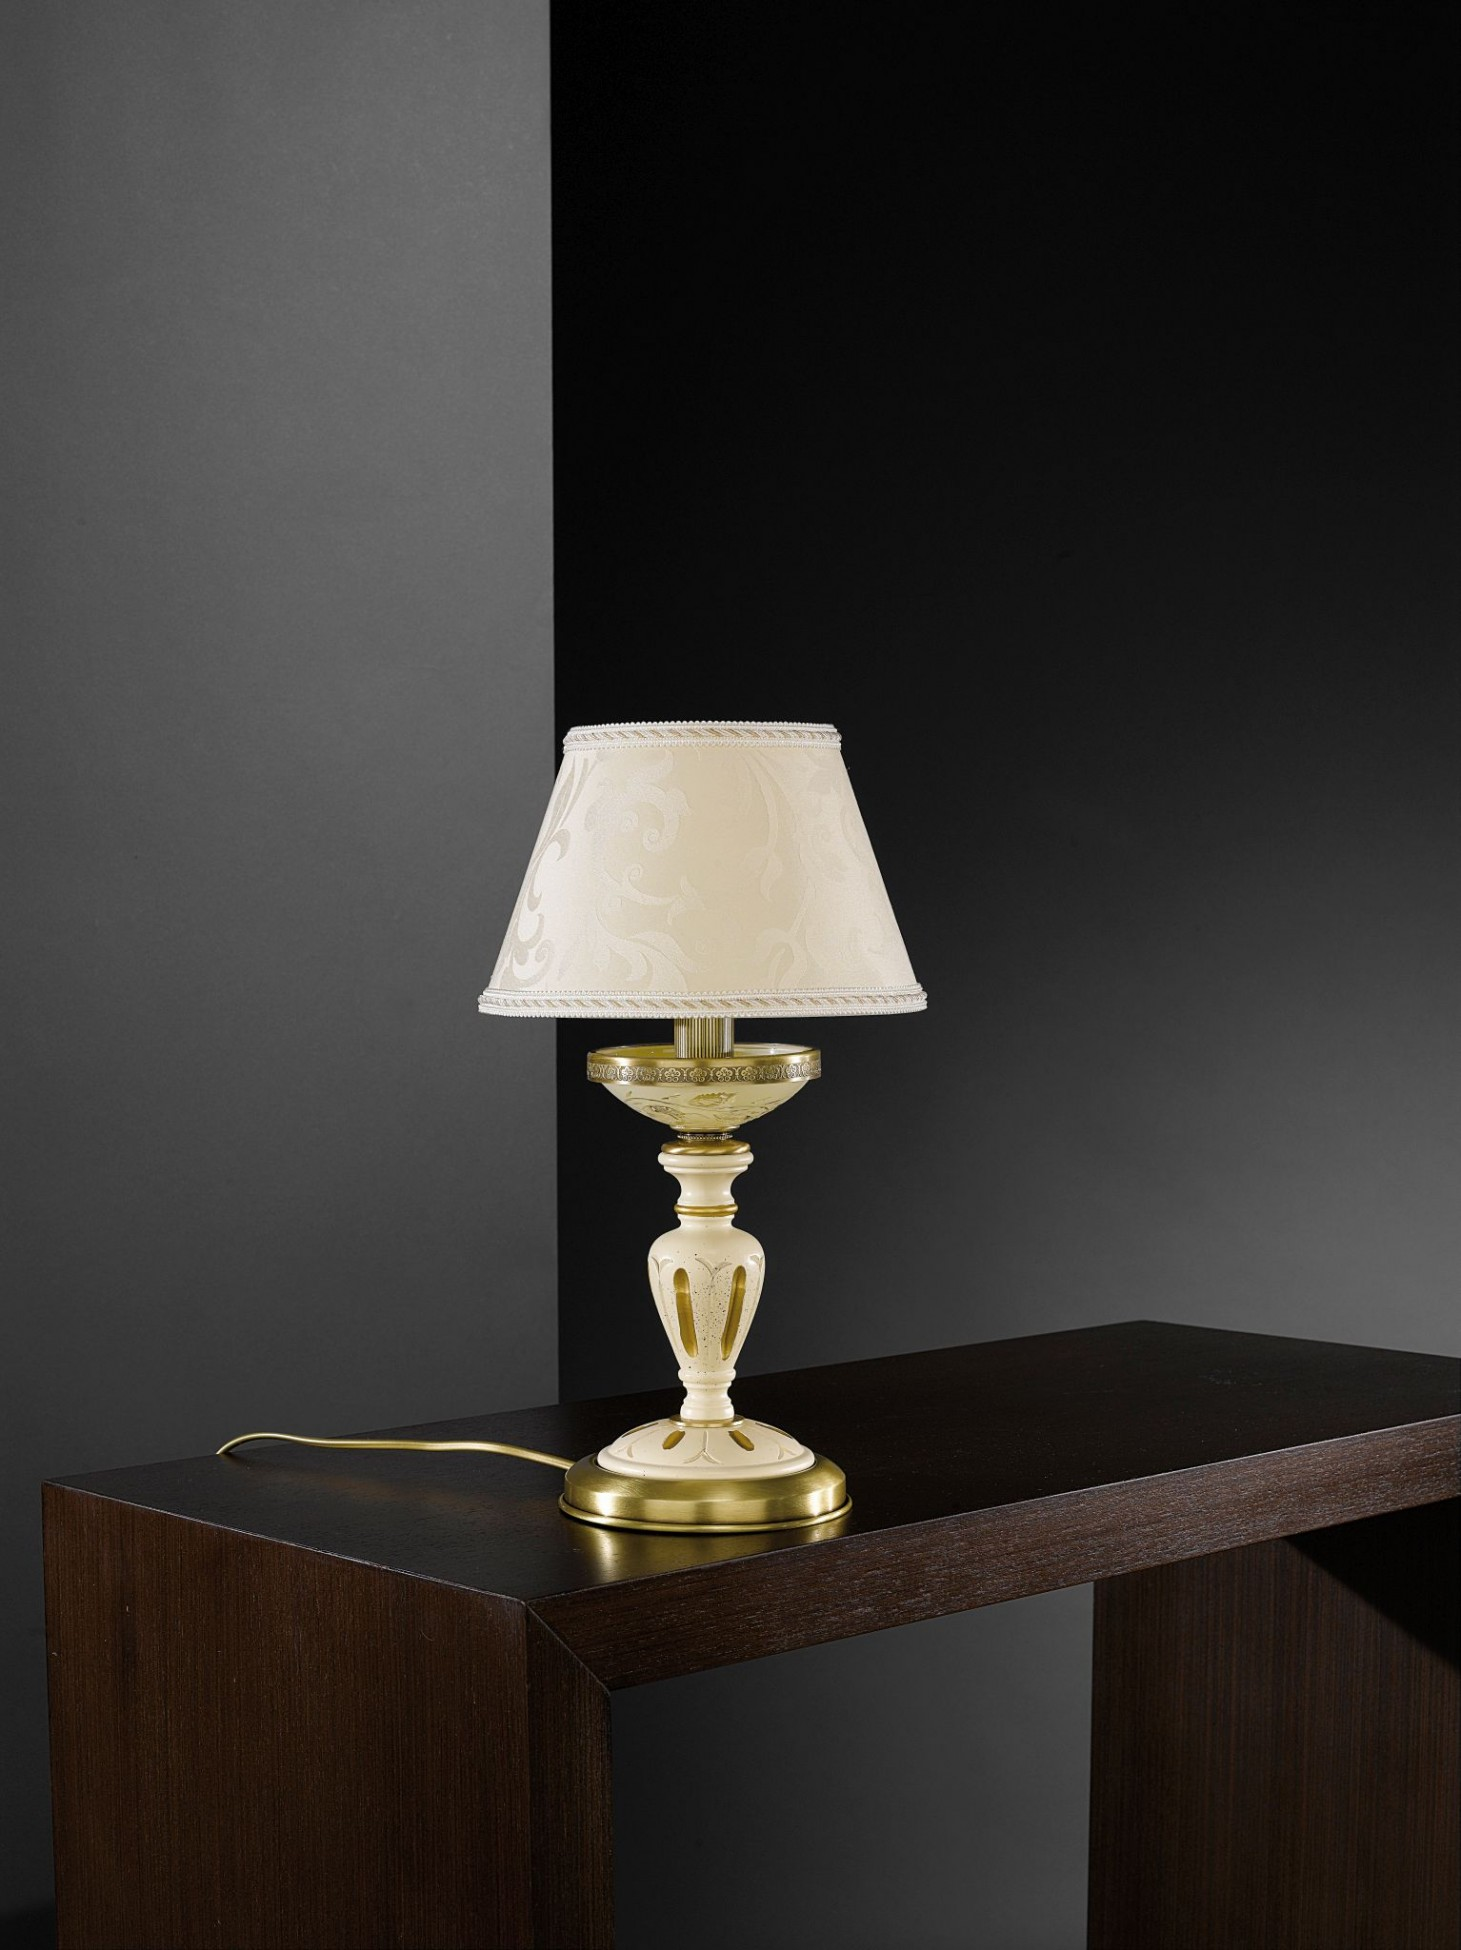 Lampada da comodino in ottone, legno e vetro crema con paralume  Reccagni Store